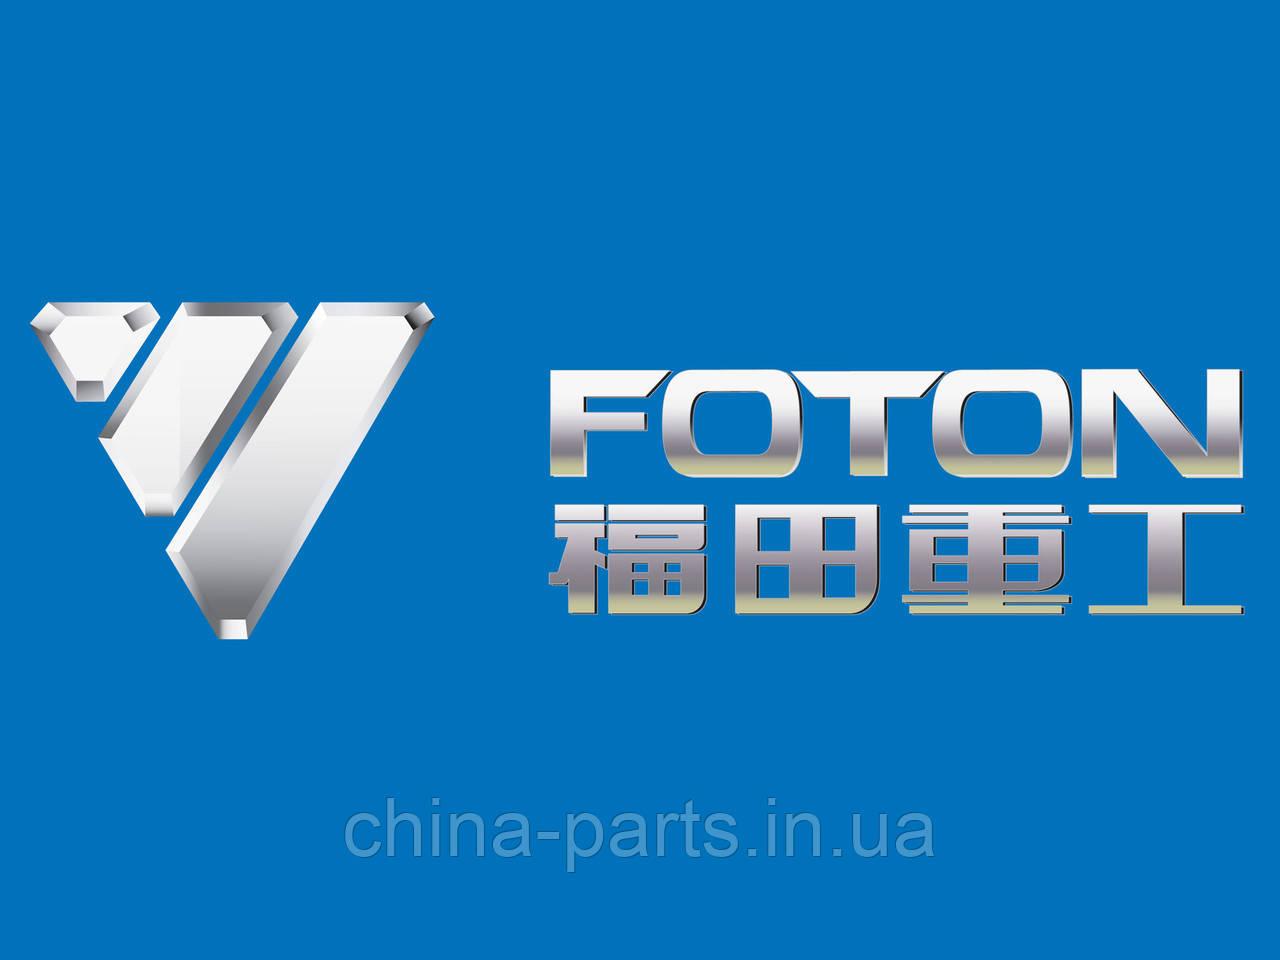 Купить запчасти на фотон  #FOTON#FAW#HOWO - CHINA-PARTS в Киеве